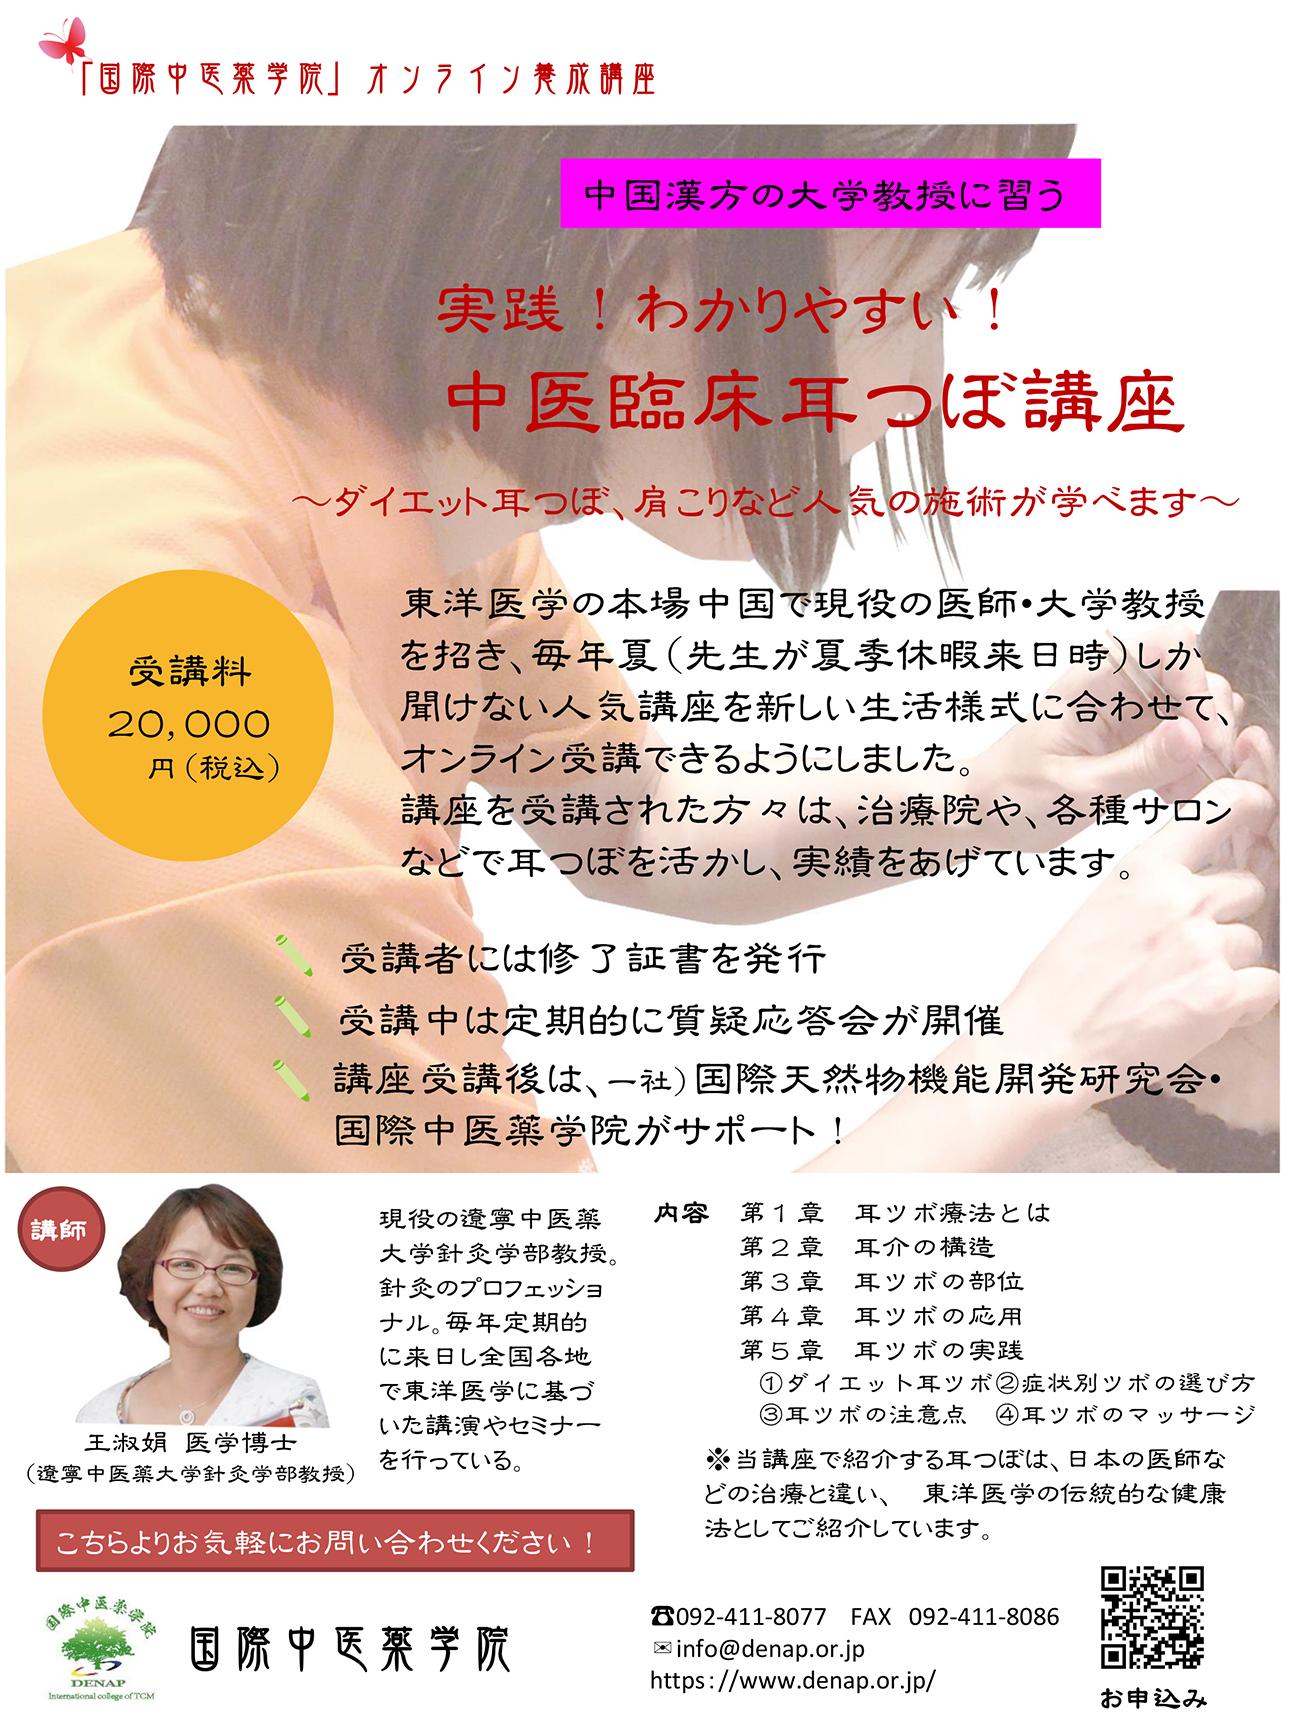 中医臨床耳つぼ講座